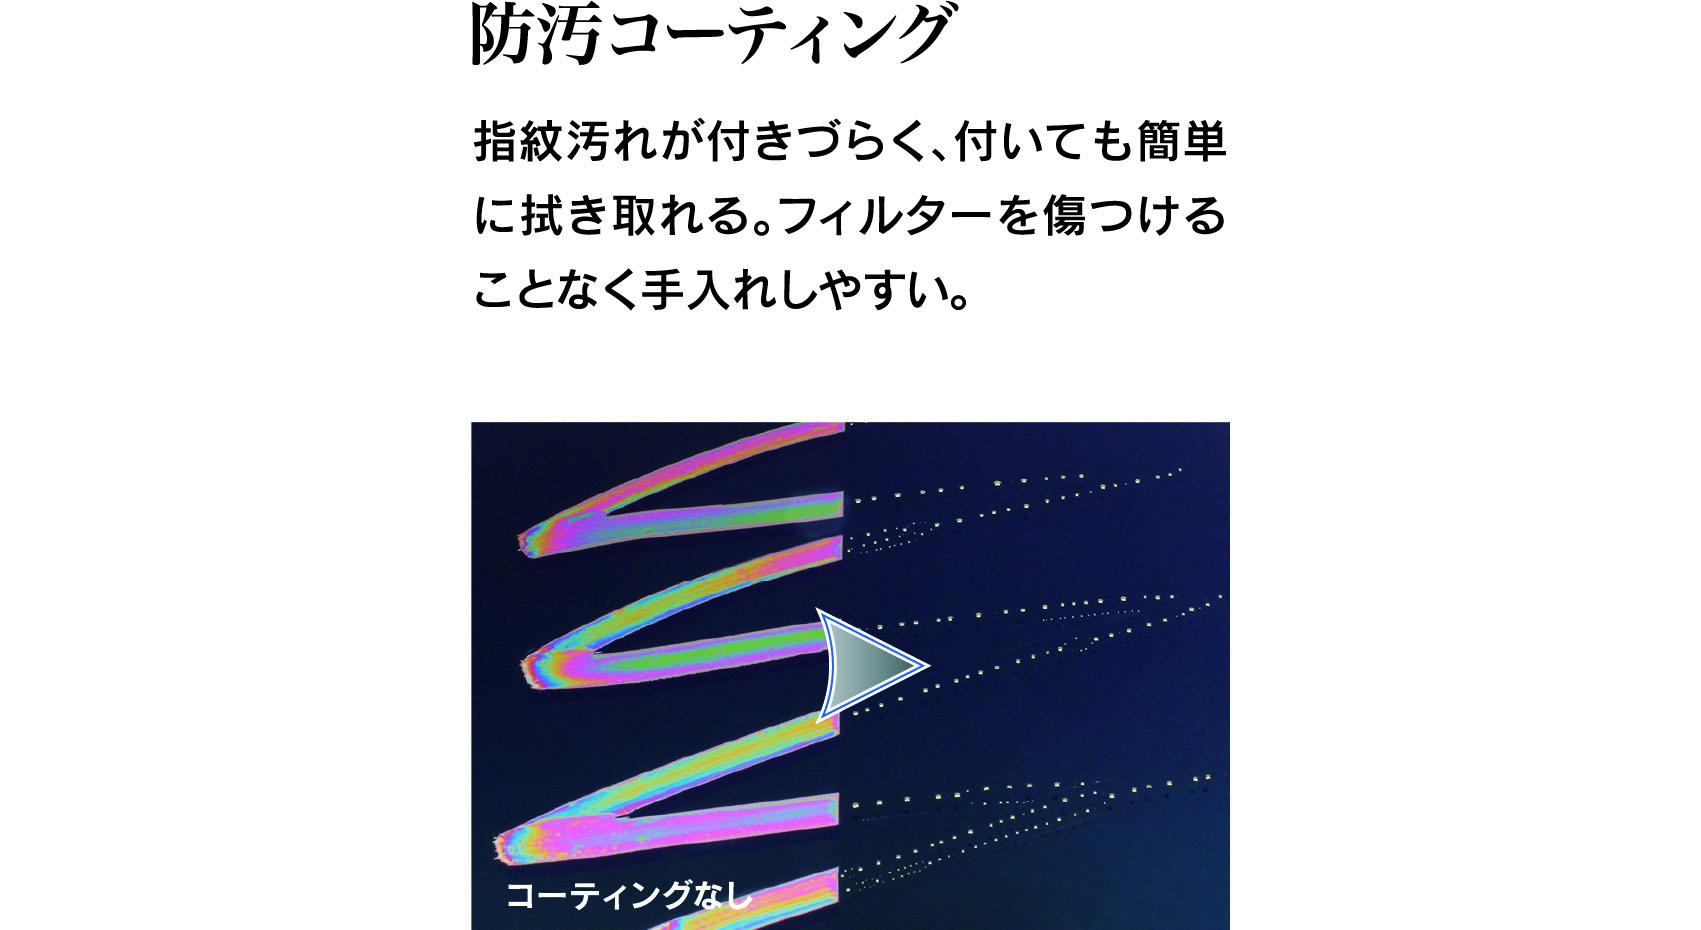 12月10日(Thu) センターGND発売開始! マグネット式角型フィルターGNDシリーズに新たに Center GND4/Center GND8/Center GND16が新登場